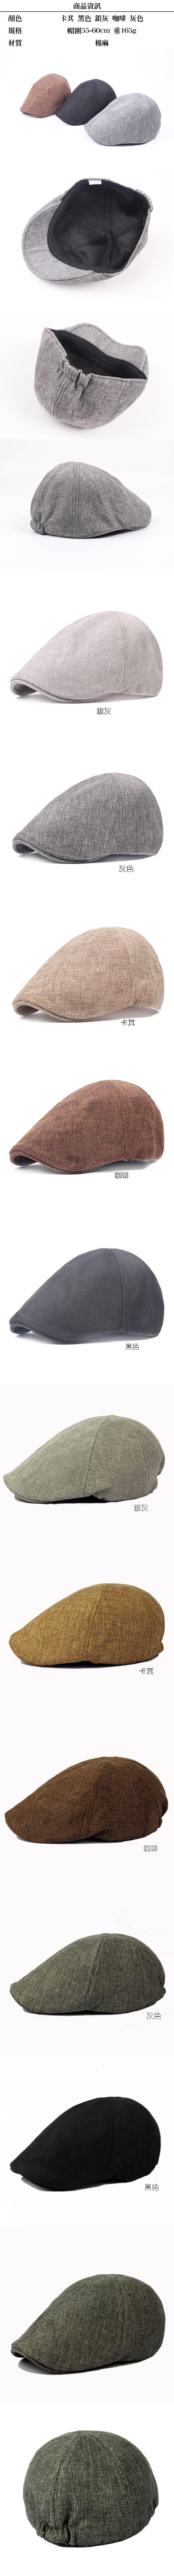 貝雷帽-春夏透氣網布純色男女鴨舌帽